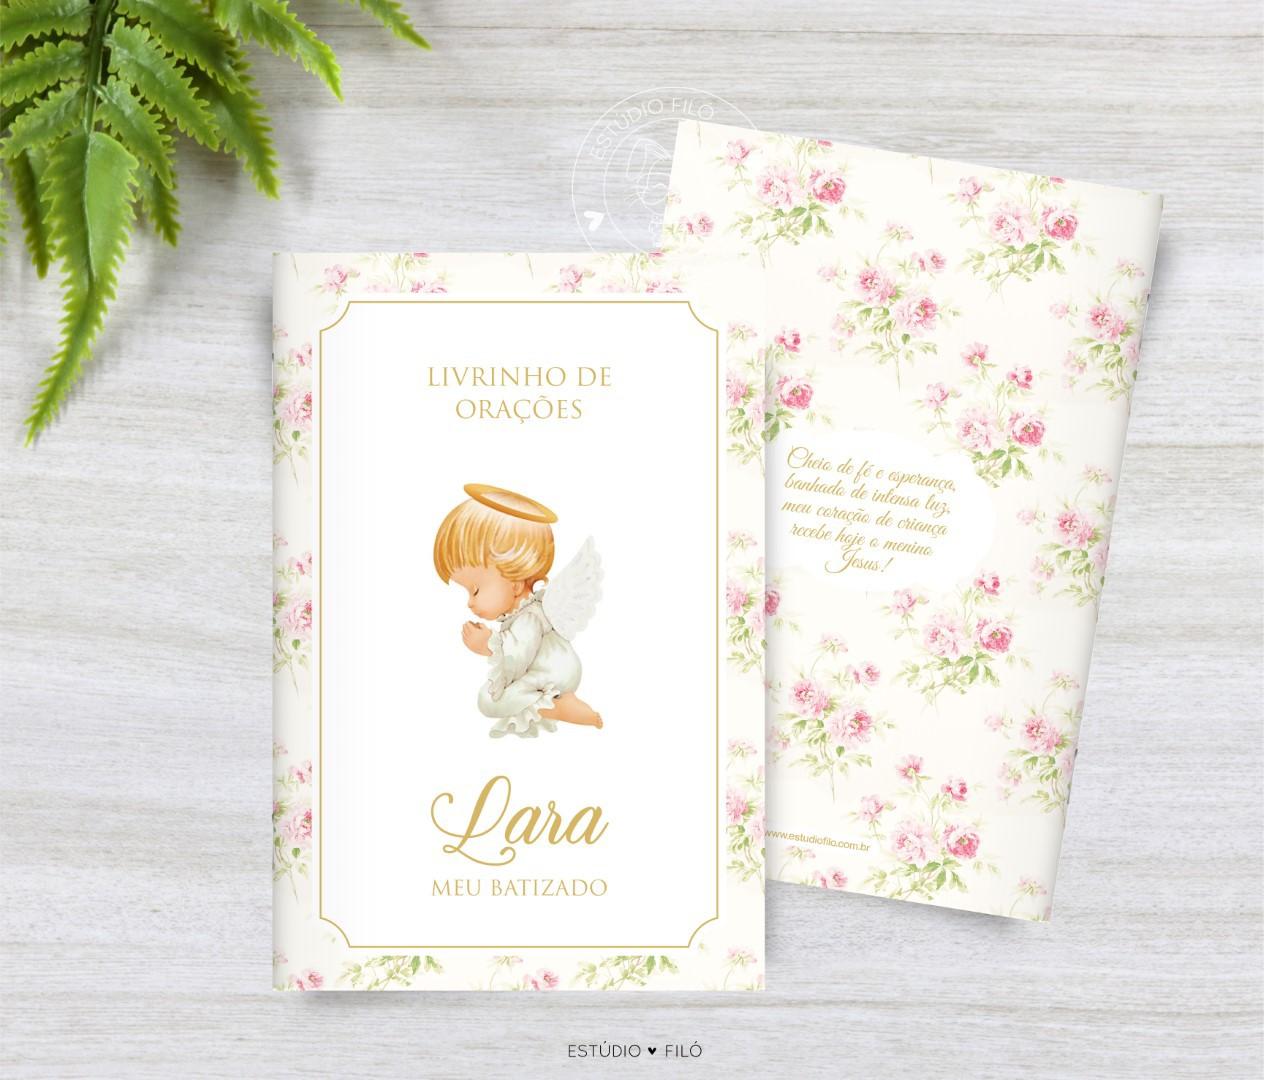 Livrinho de orações floral anjinho para lembrancinha